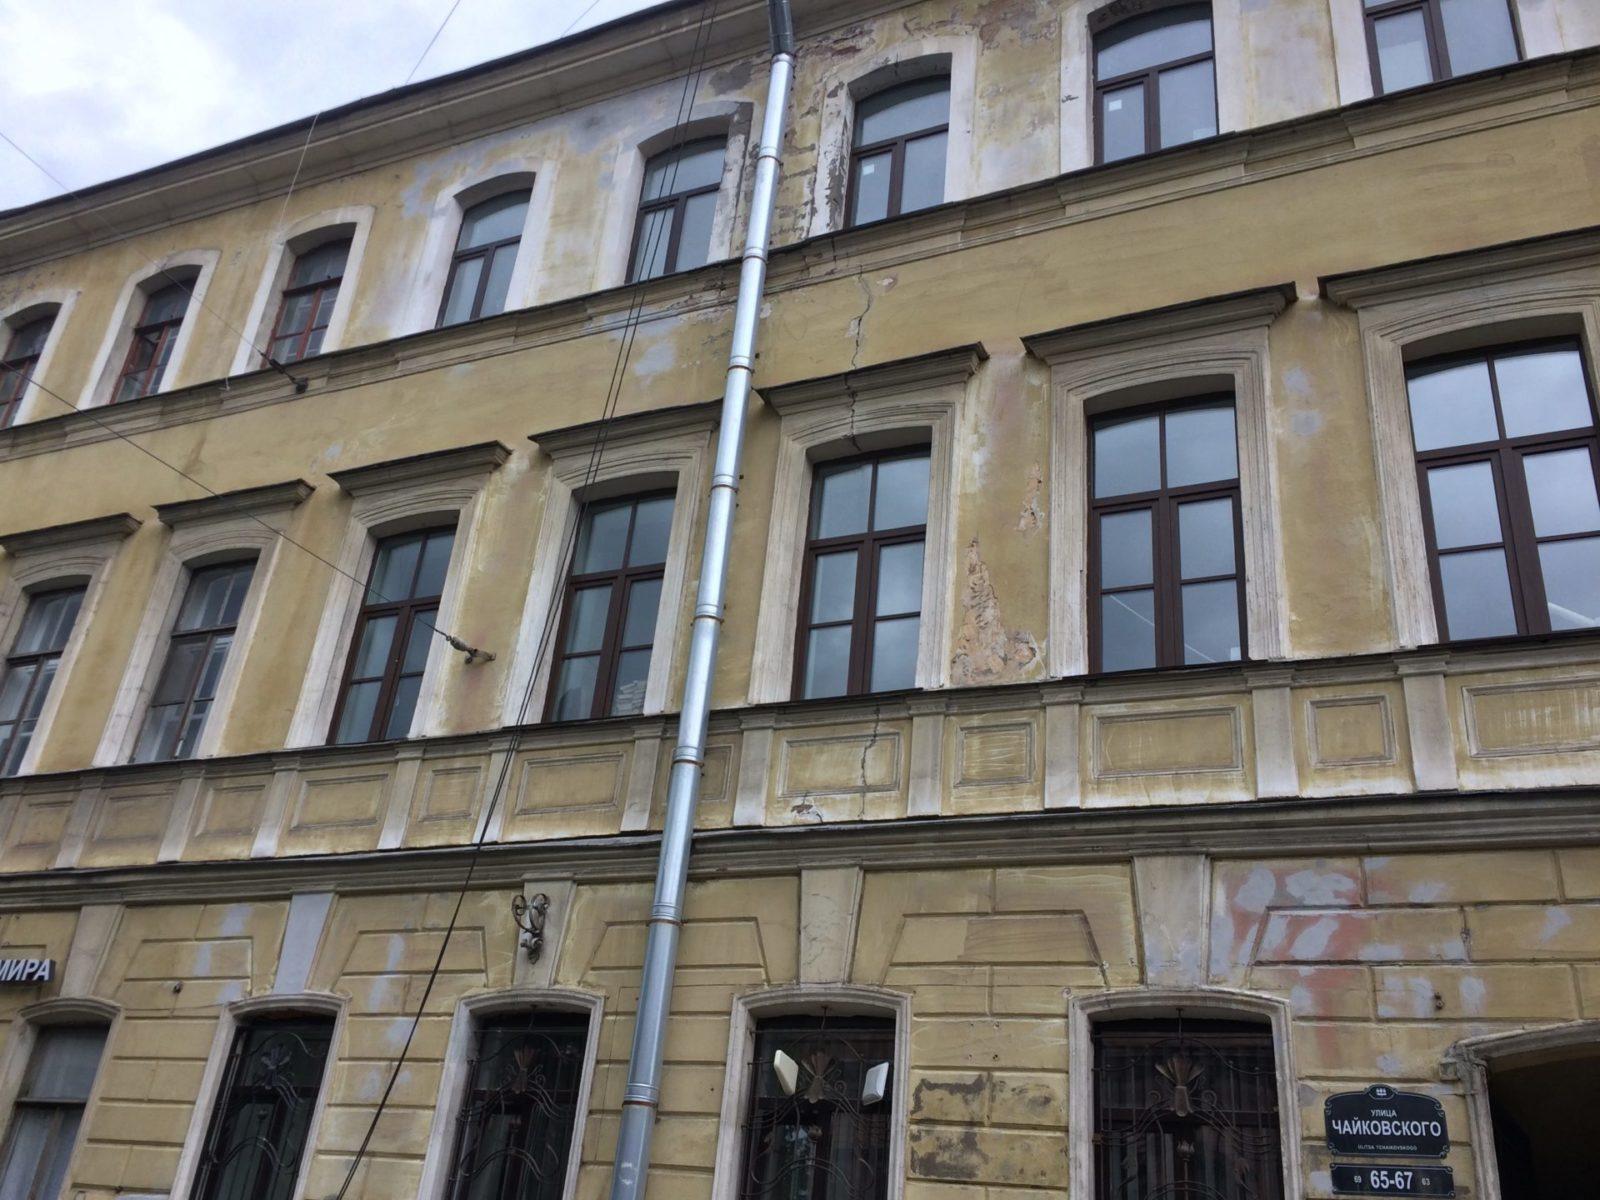 Выполнен косметический ремонт фасада здания для частного заказчика в 2017 году в Спб